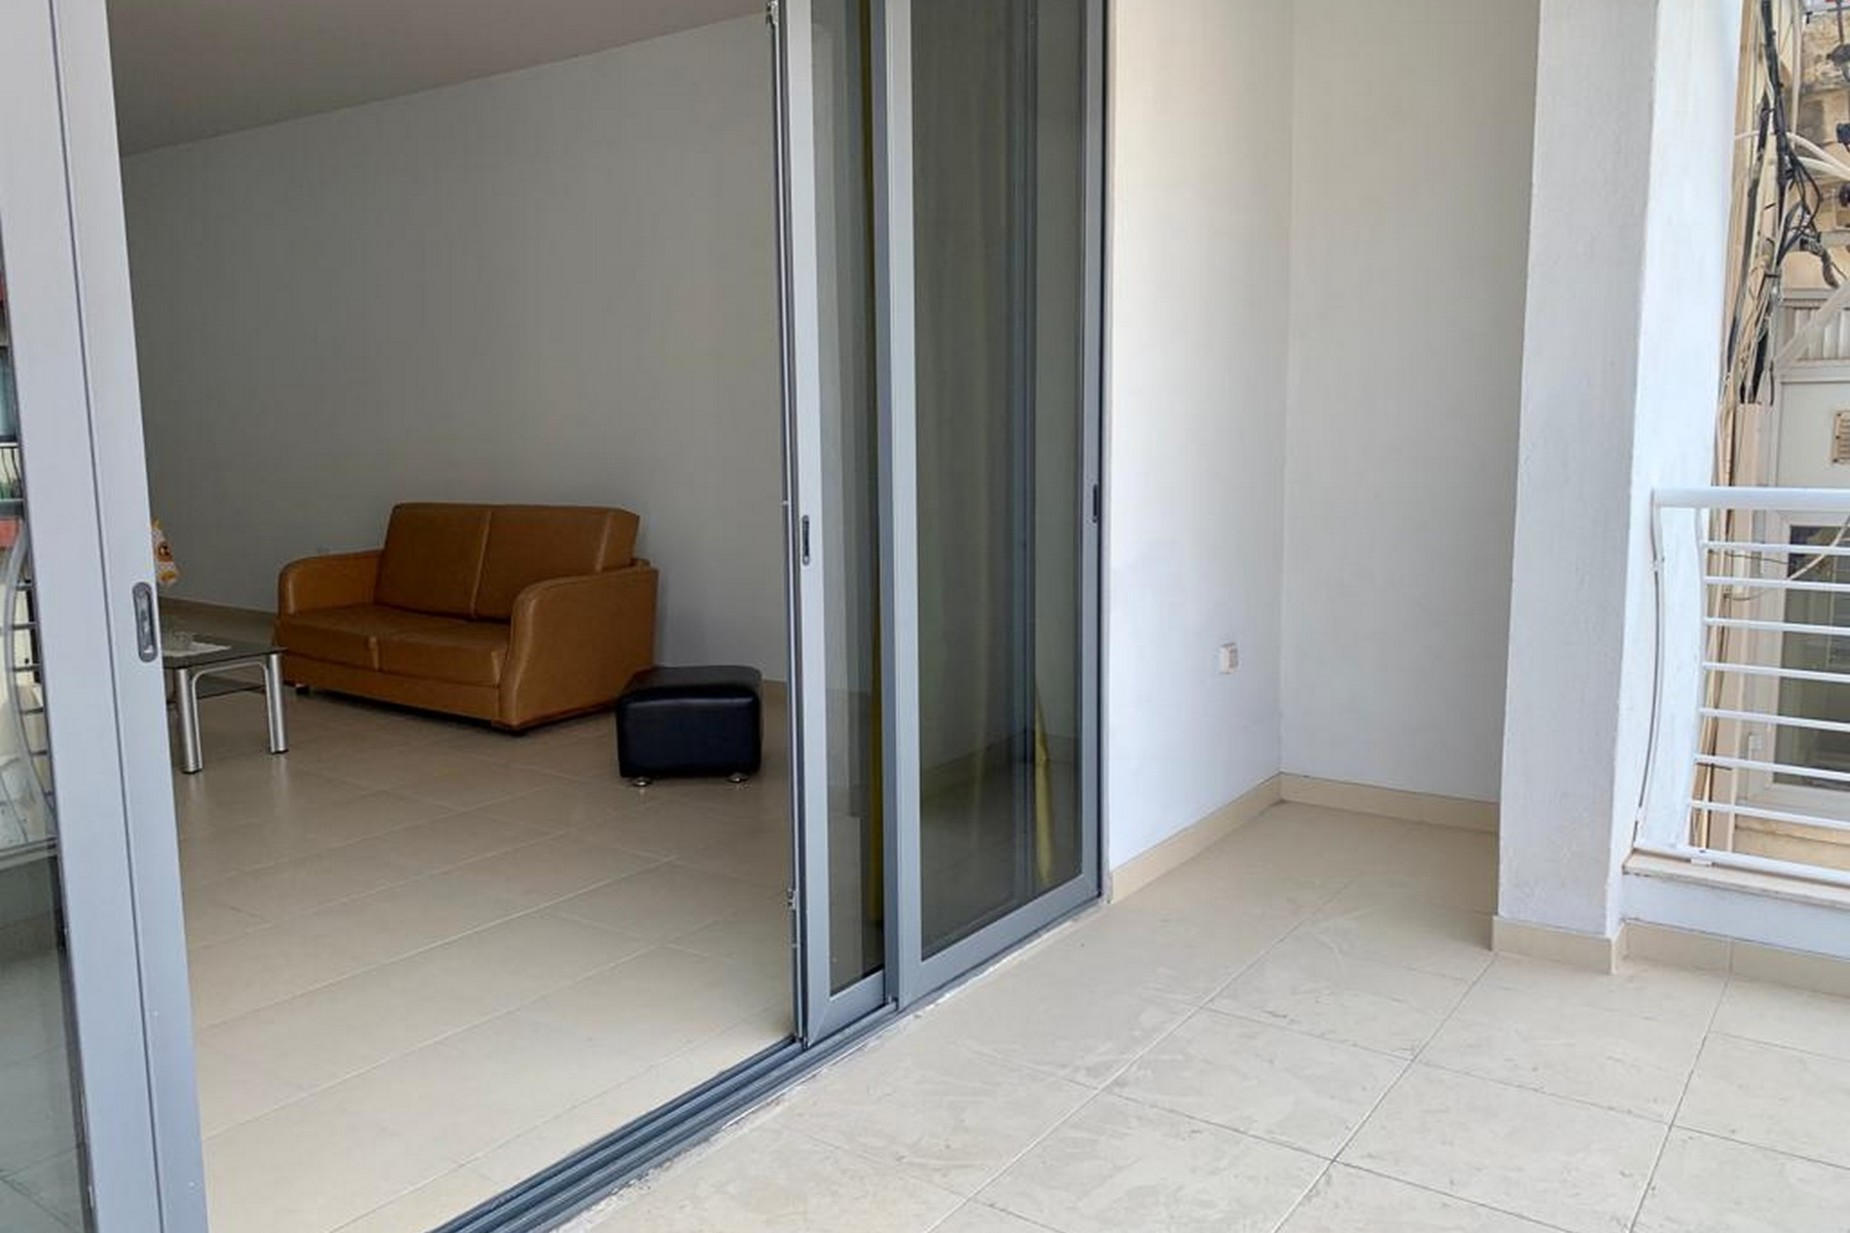 3 bed Apartment For Rent in Qormi, Qormi - thumb 8